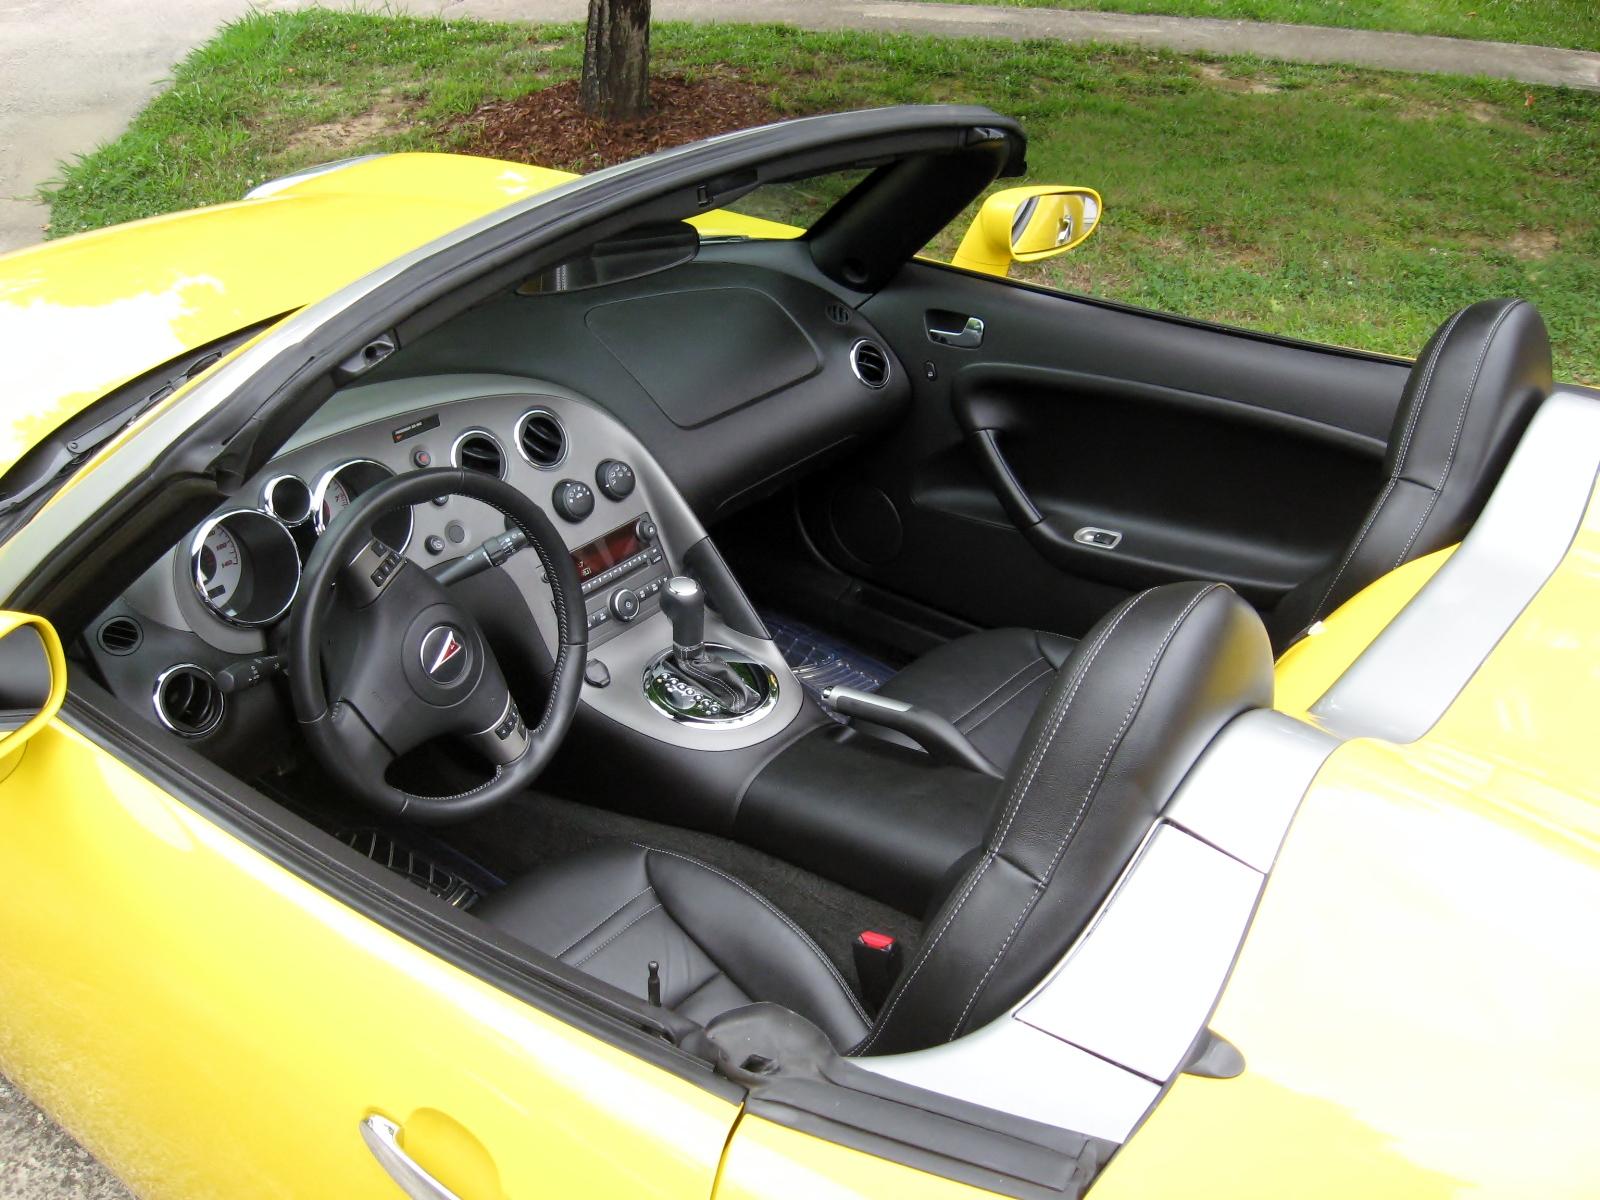 2007 Pontiac Solstice Interior Pictures Cargurus